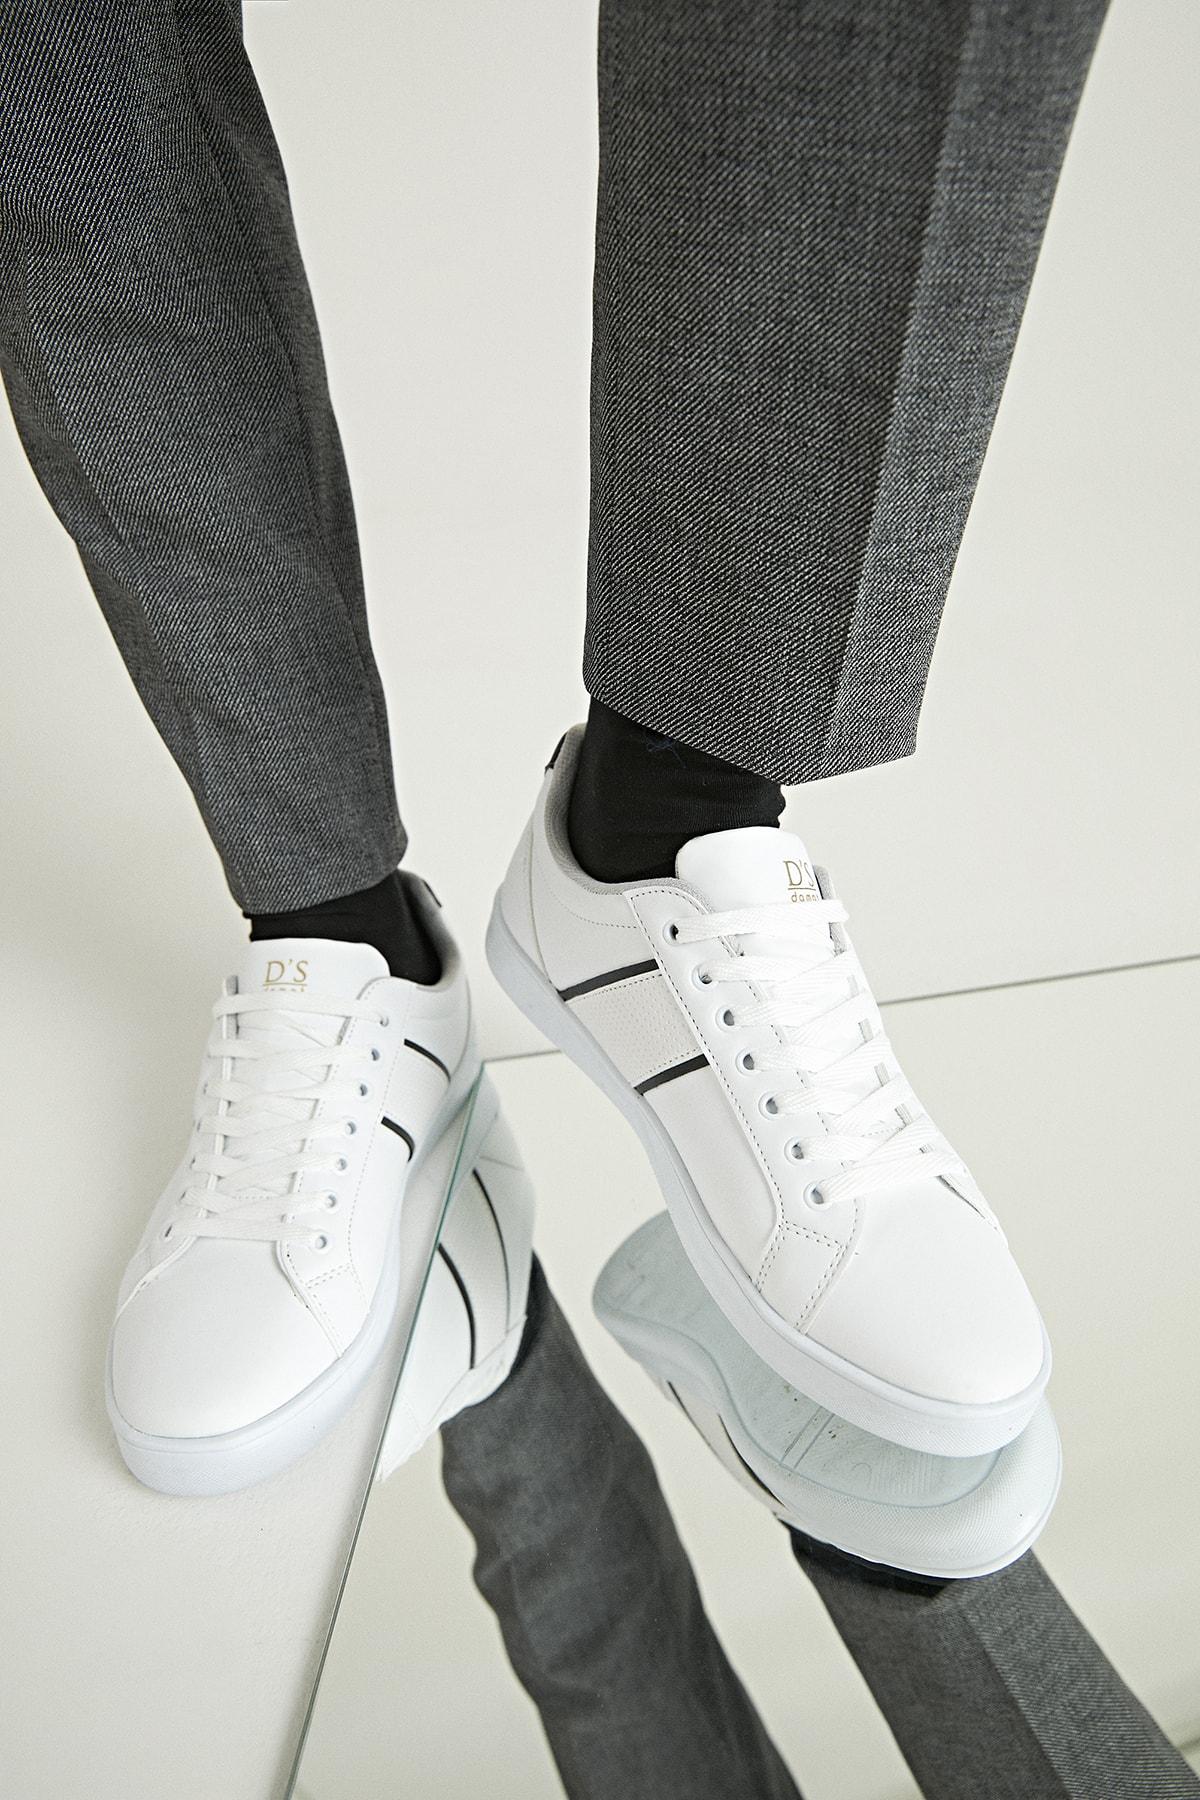 Twn Erkek Ayakkabı Beyaz Renk 1